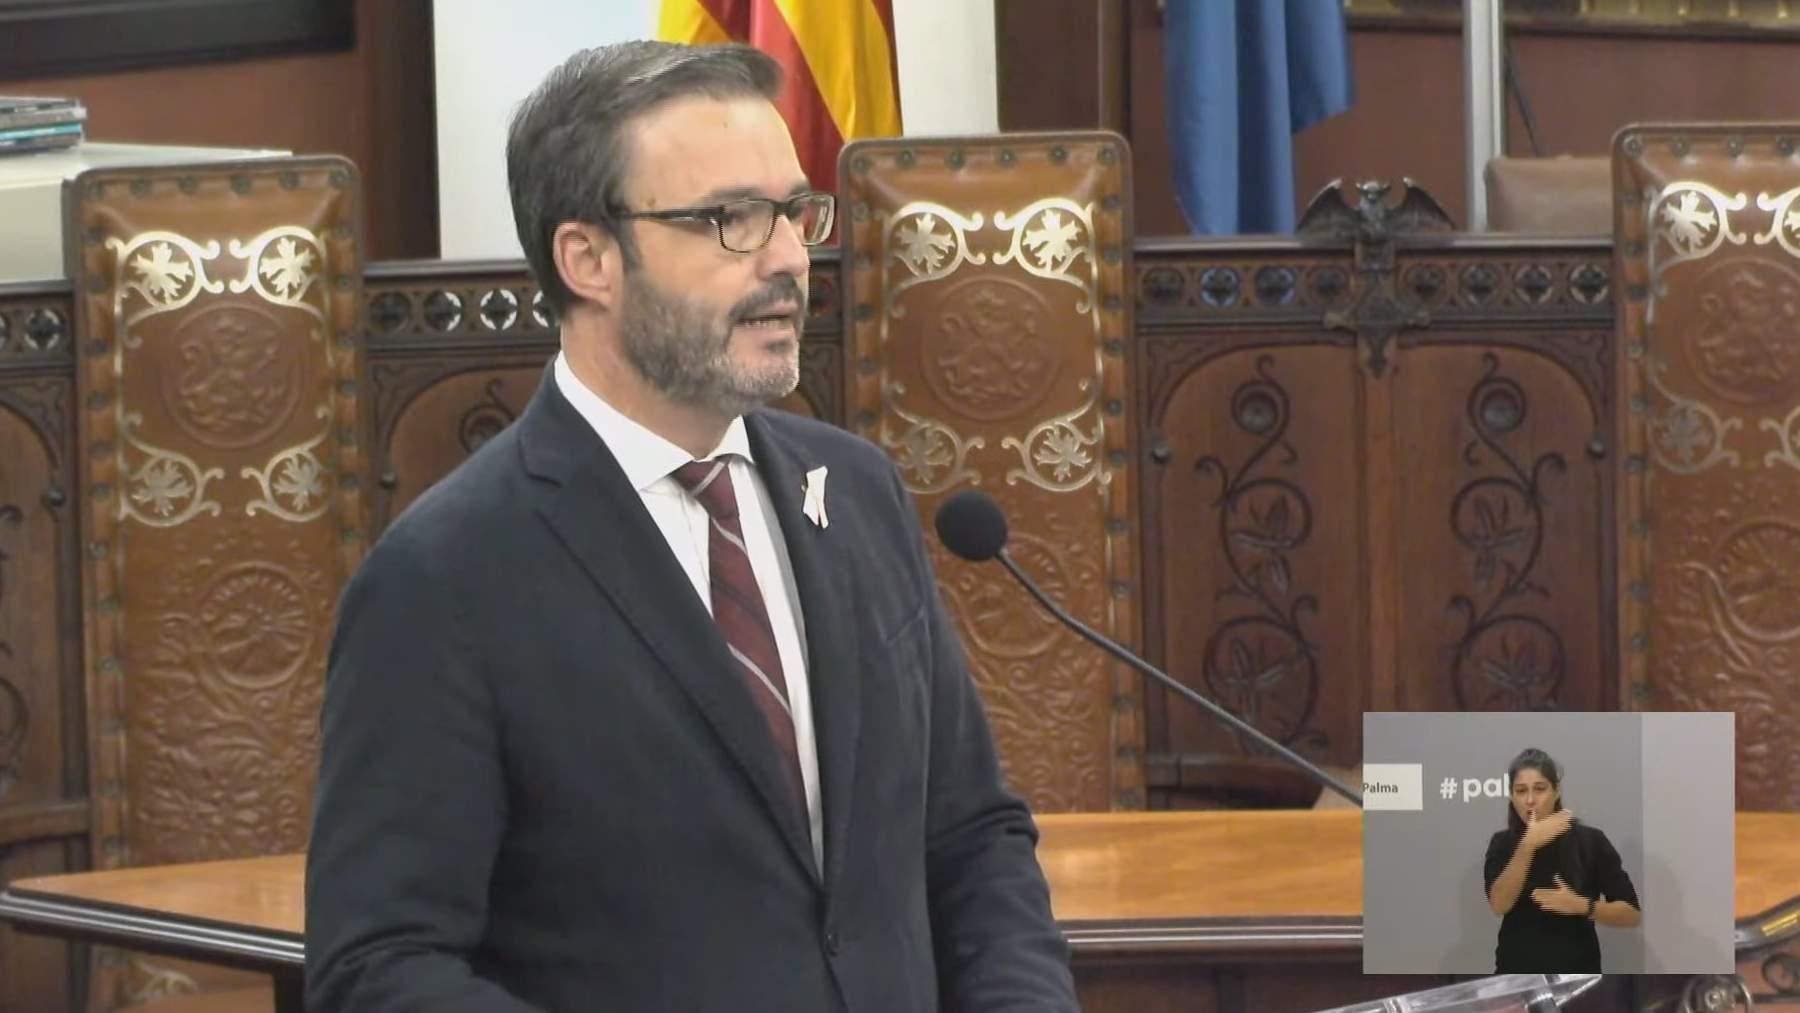 El alcalde de Palma, José Hila, en su intervención con motivo del debate sobre el estado de la ciudad.